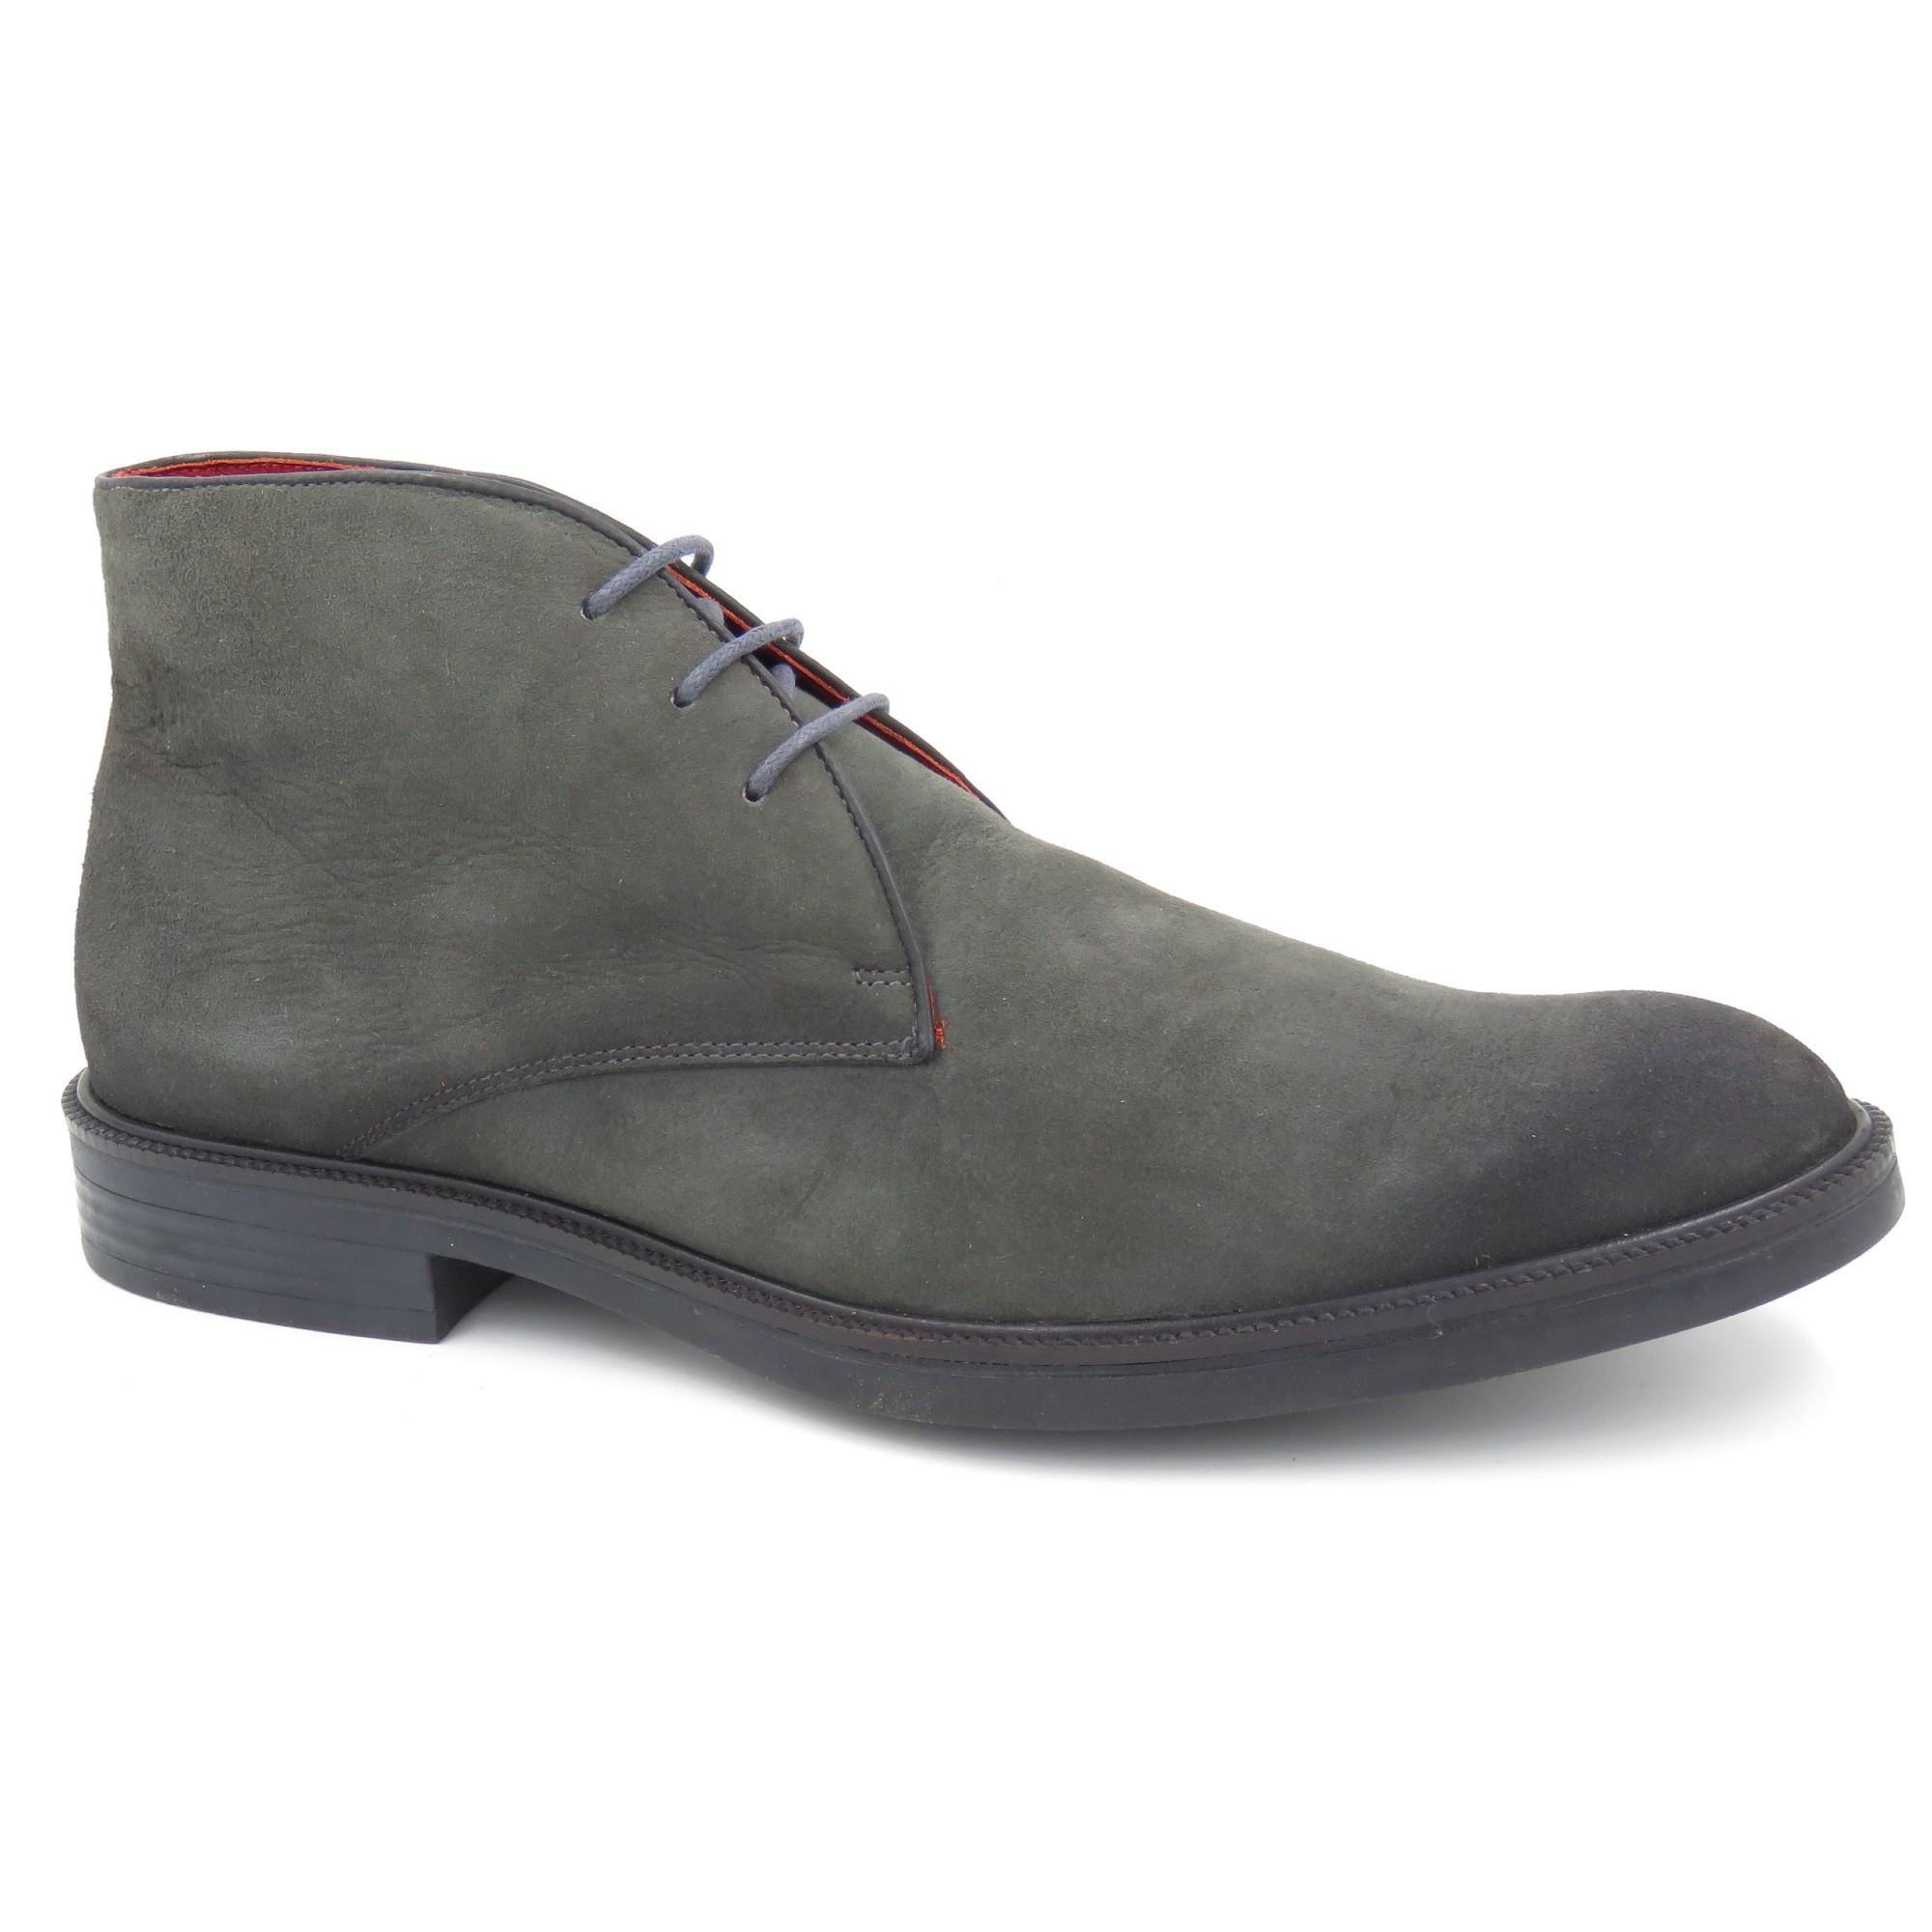 Sapato Abotinado Camurça Sola De Borracha 674020